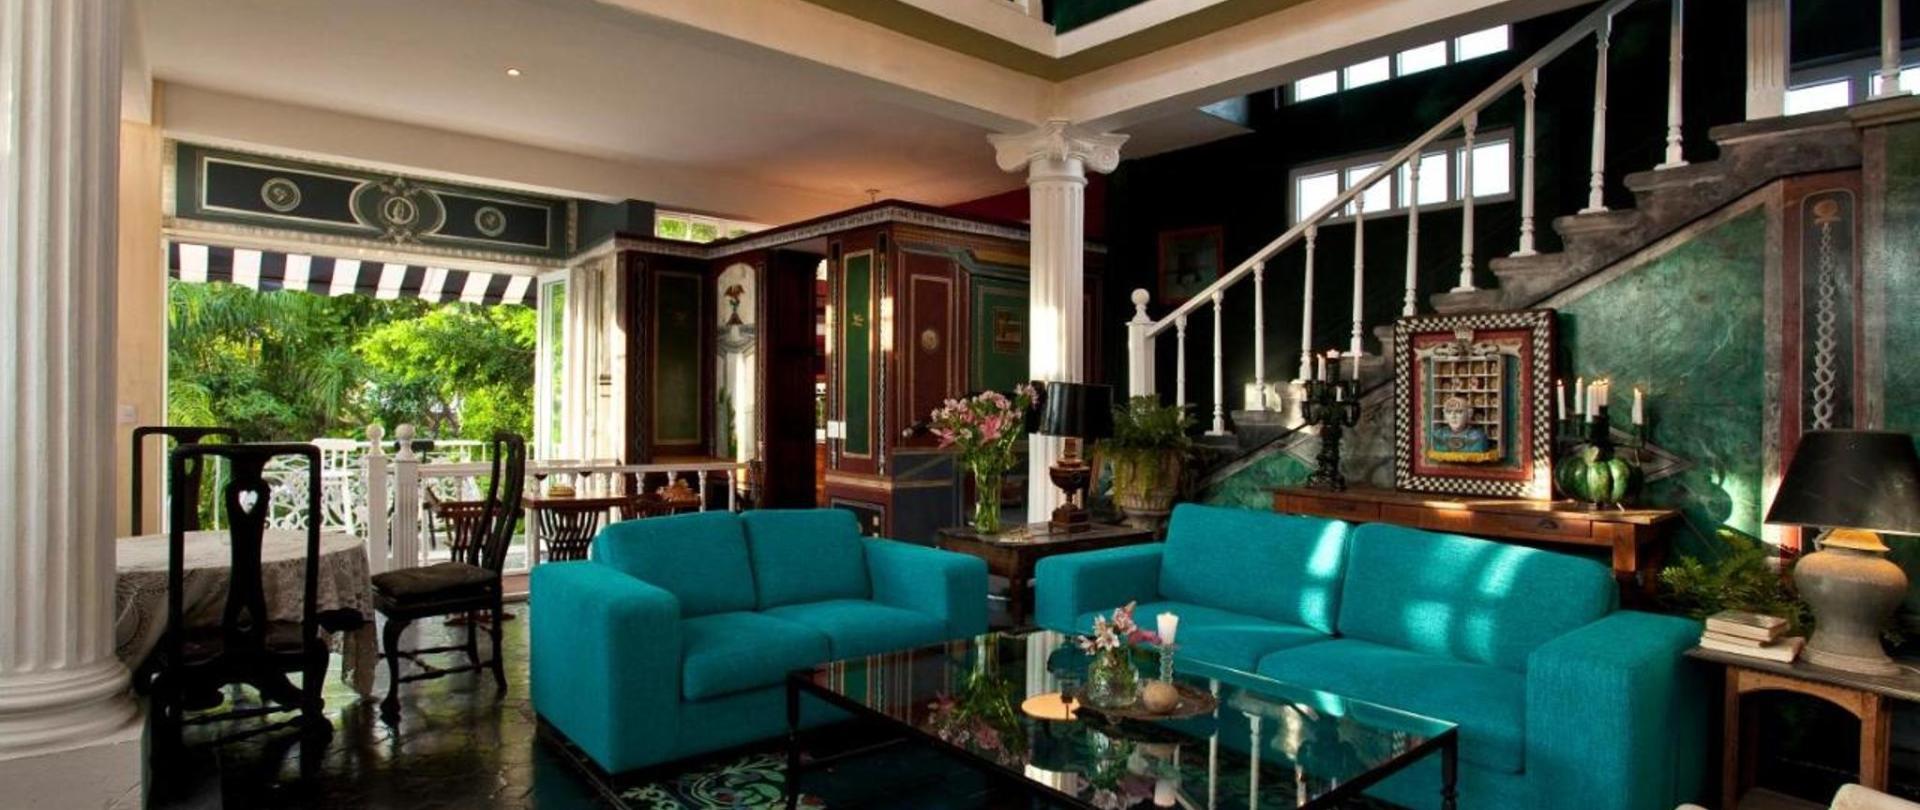 Hotel Boutique Rivera Del Rio